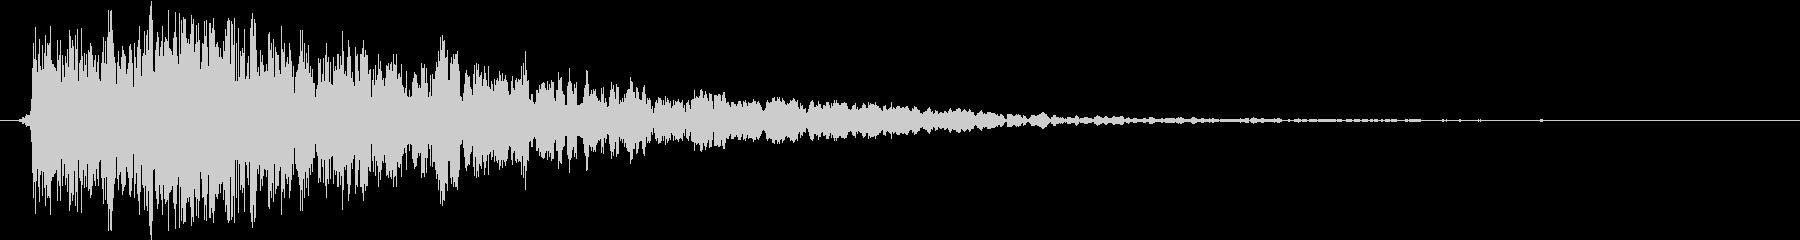 衝撃 ヒットメタル22の未再生の波形